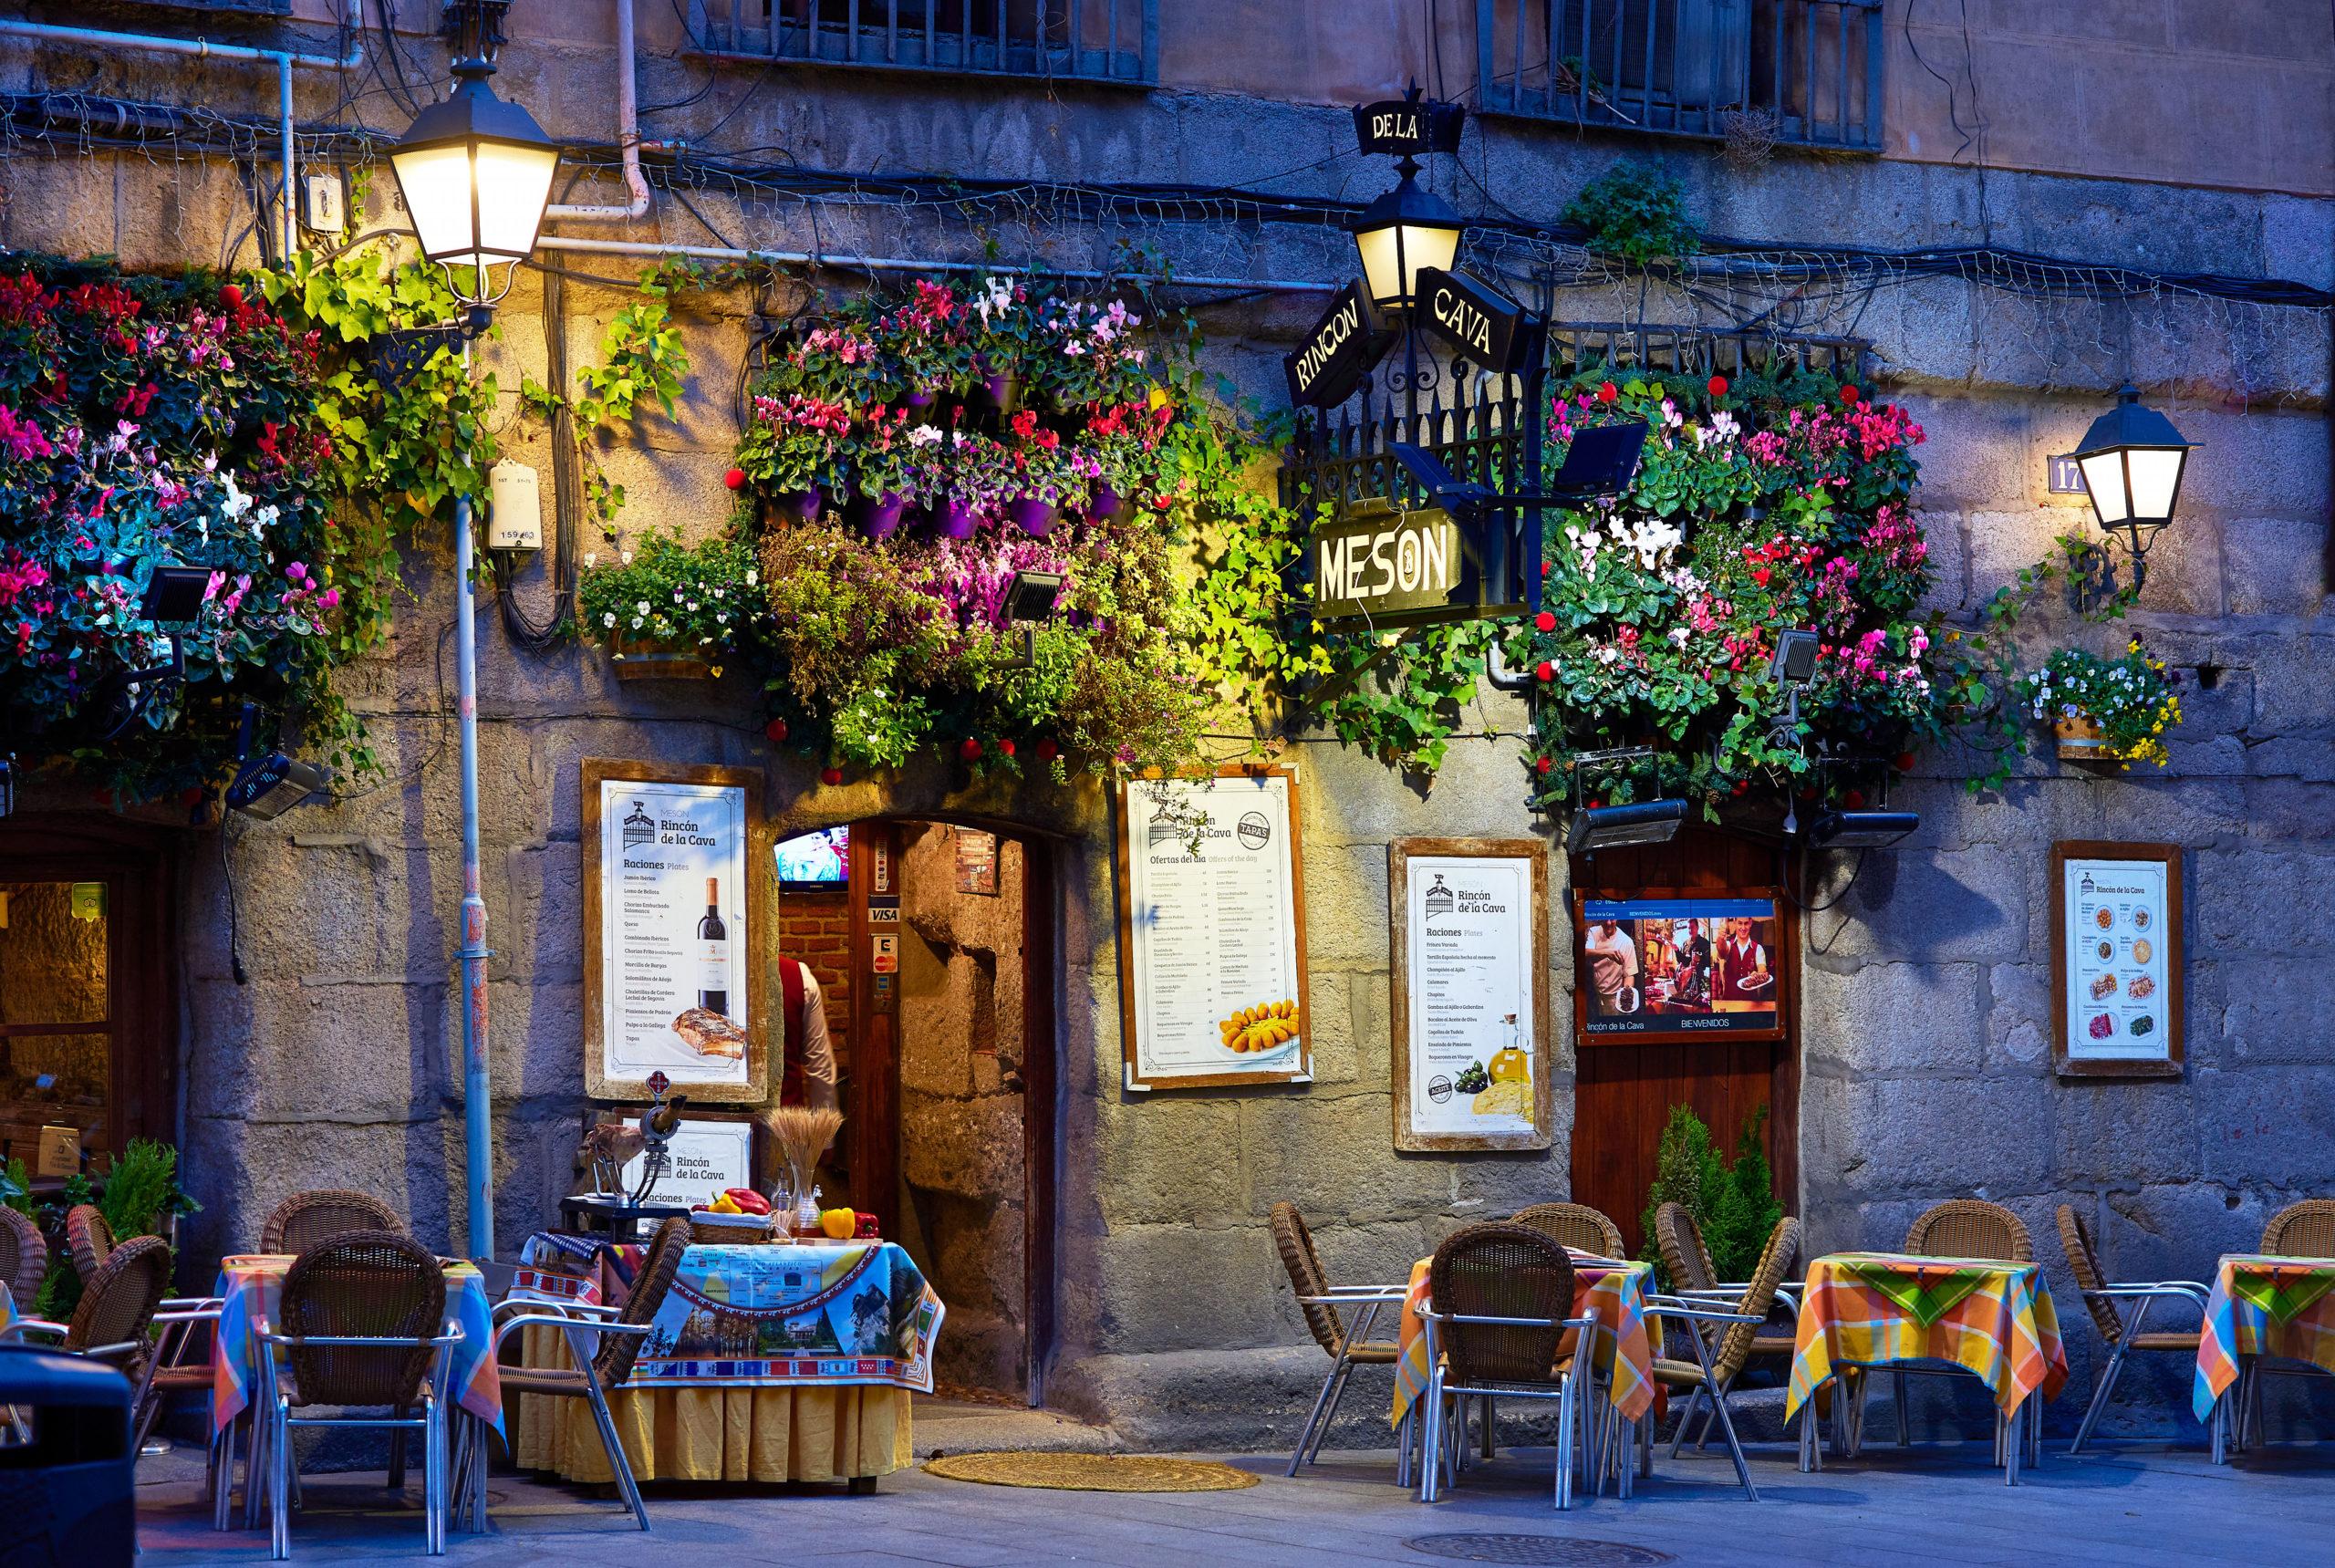 Madrid spisesteder restauranter Spania cafe